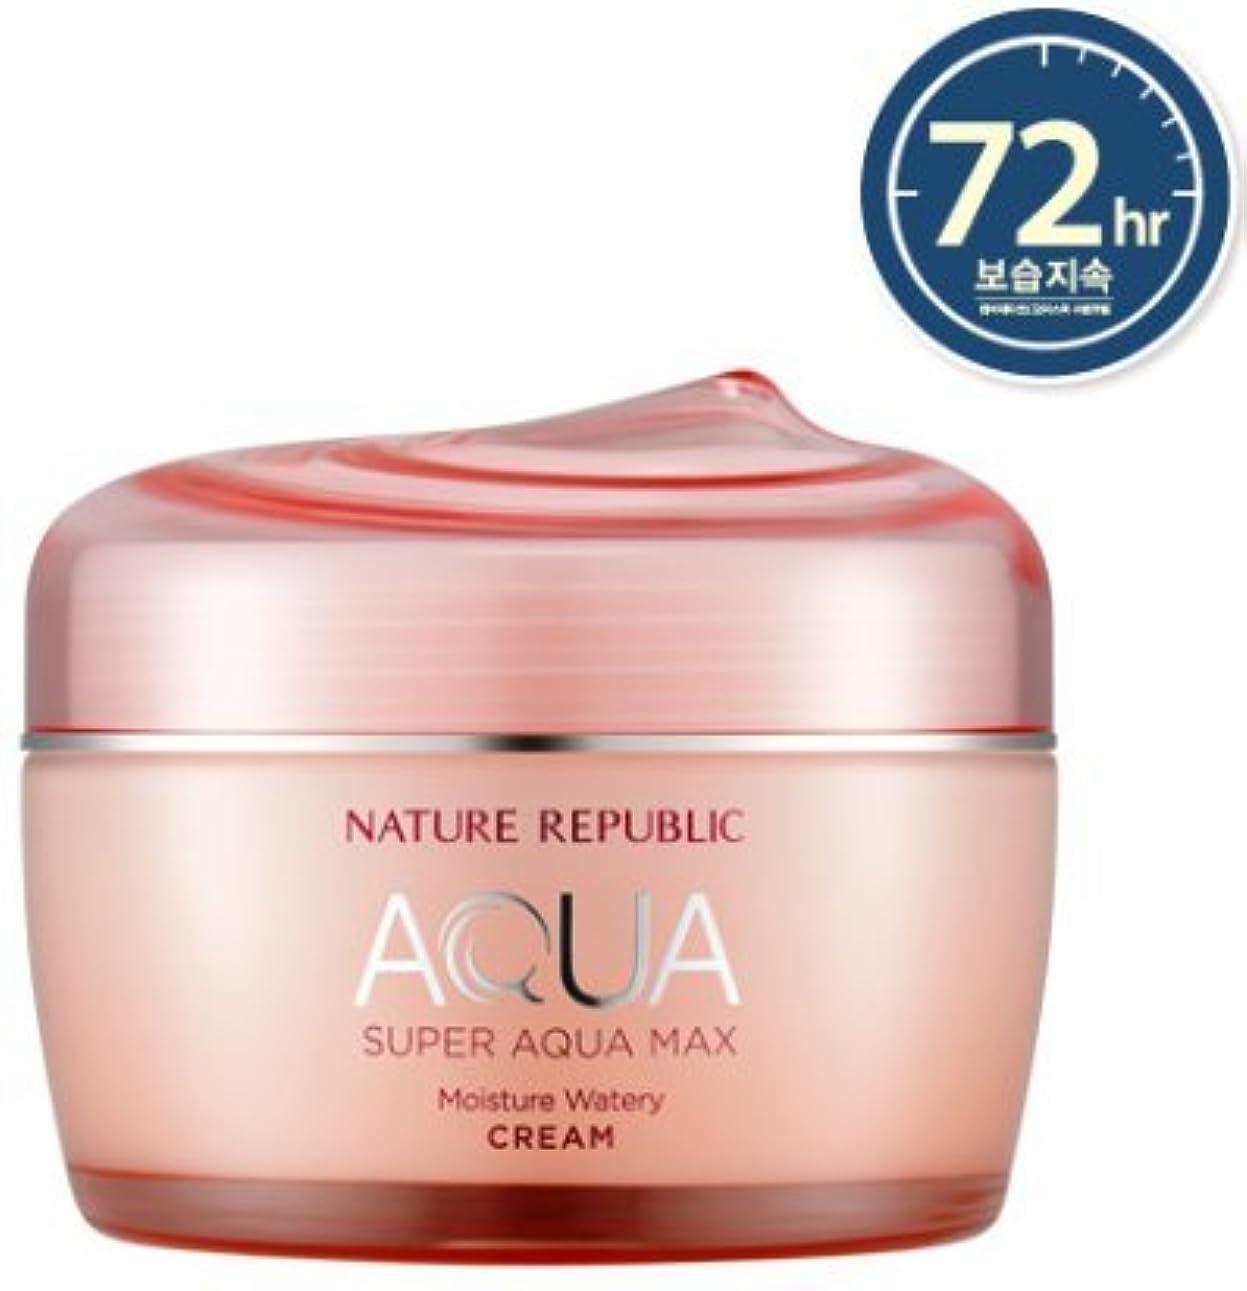 有望寄生虫仕事に行く[NATURE REPUBLIC] スーパーアクアマックスモイスチャー水分クリーム / Super Aqua Max Moisture Watery Cream 80ml (乾燥肌用) [並行輸入品]